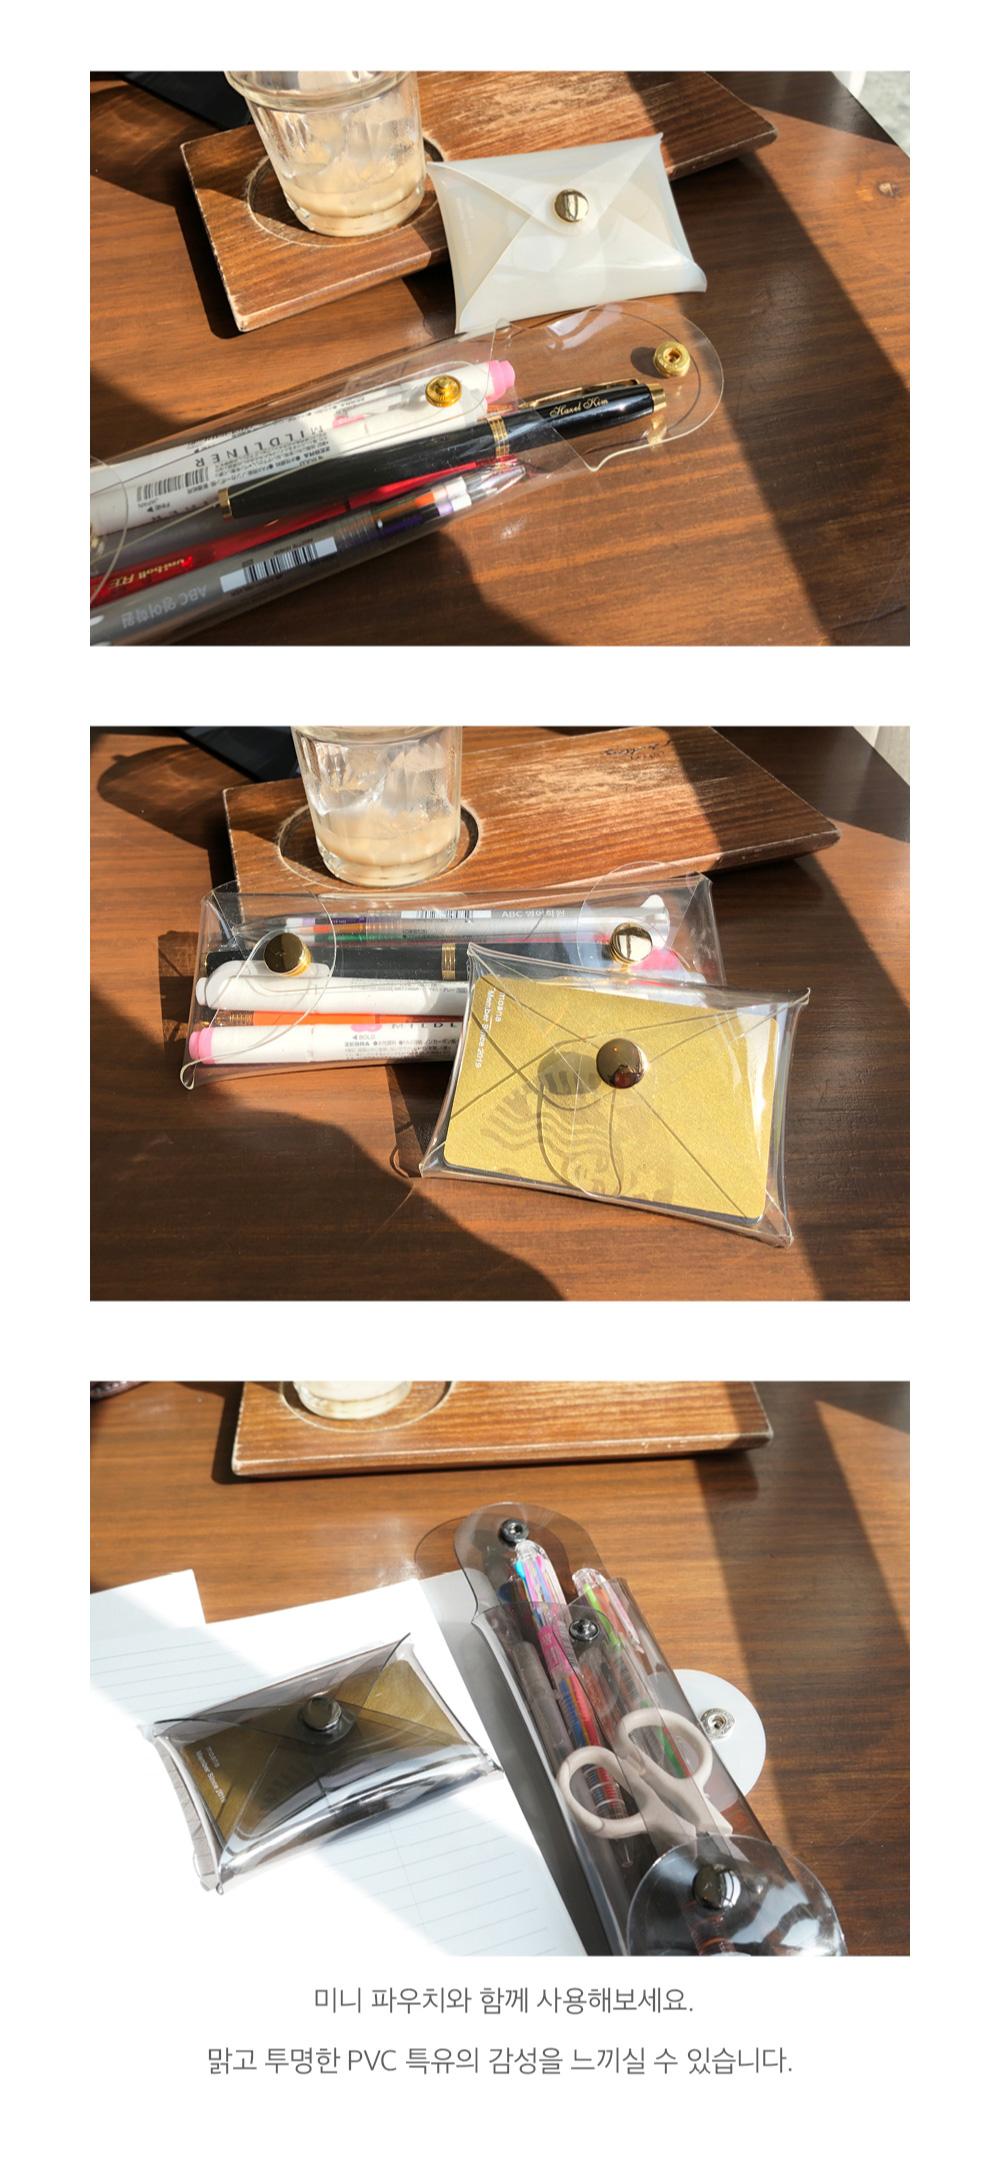 클리어 펜 파우치 PVC - 플랜커스, 6,700원, 투명/플라스틱필통, 심플